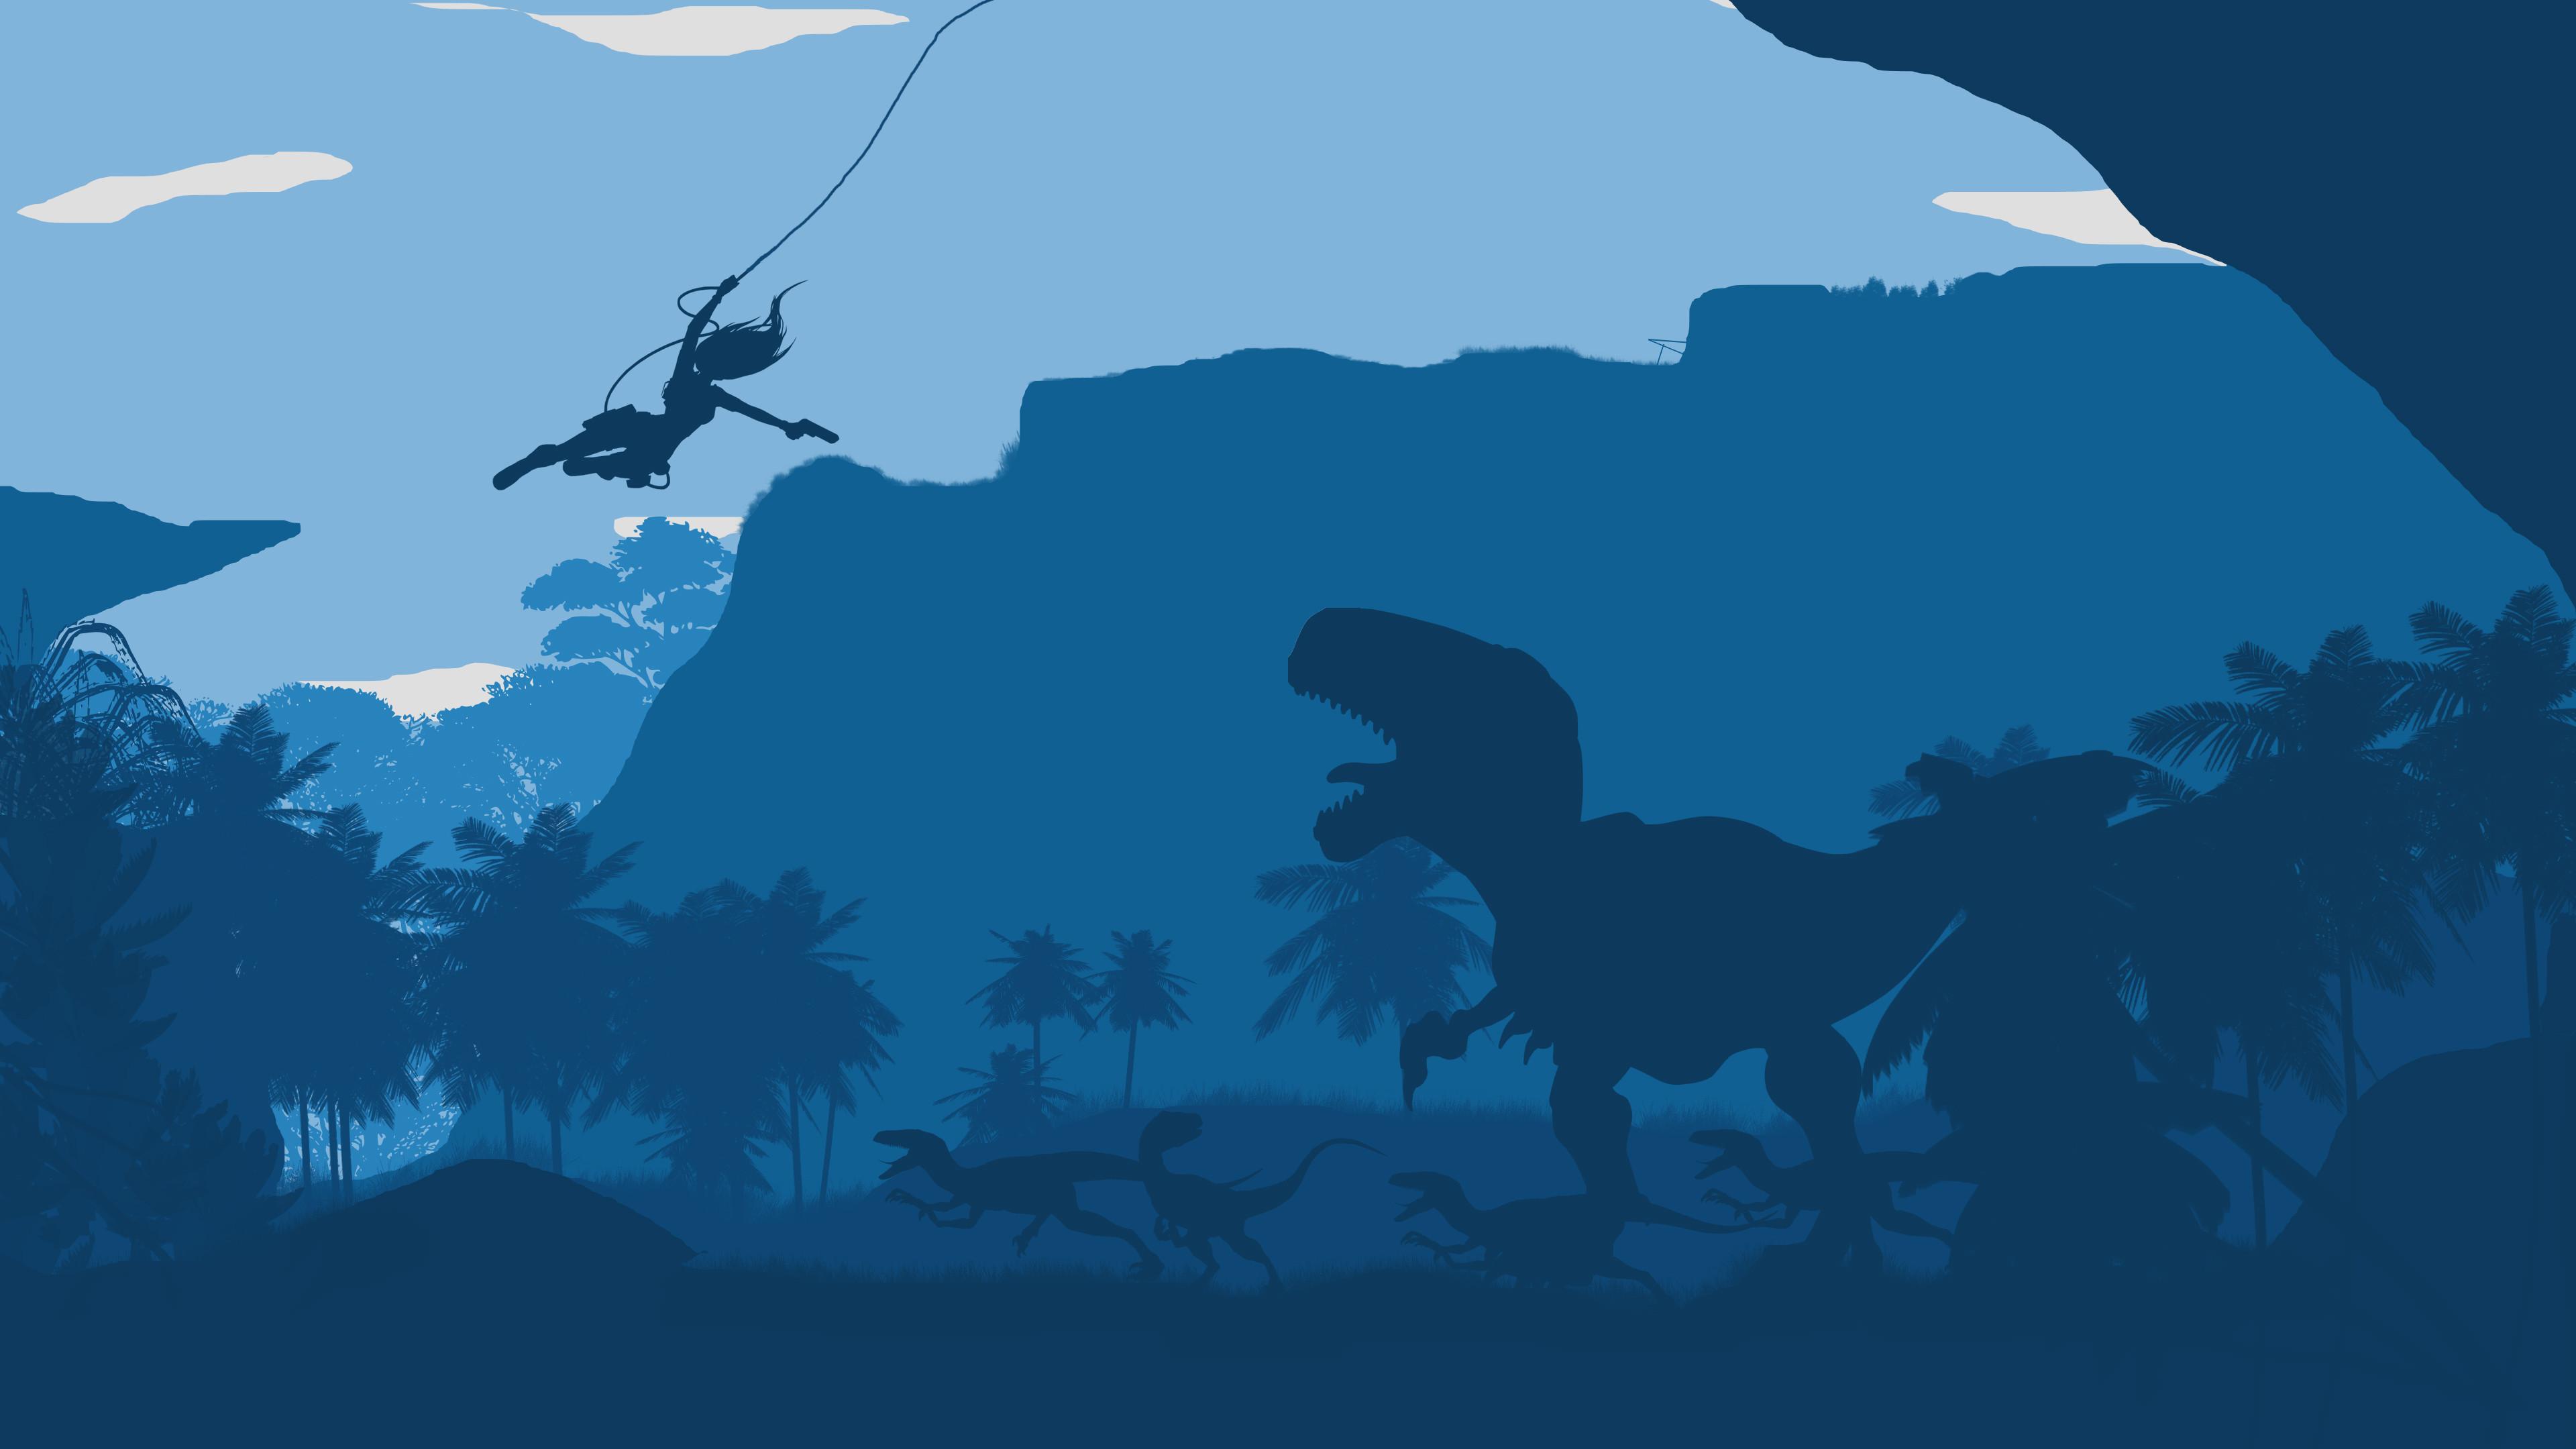 Res: 3840x2160, Tomb Raider Dinosaur 4K Wallpaper